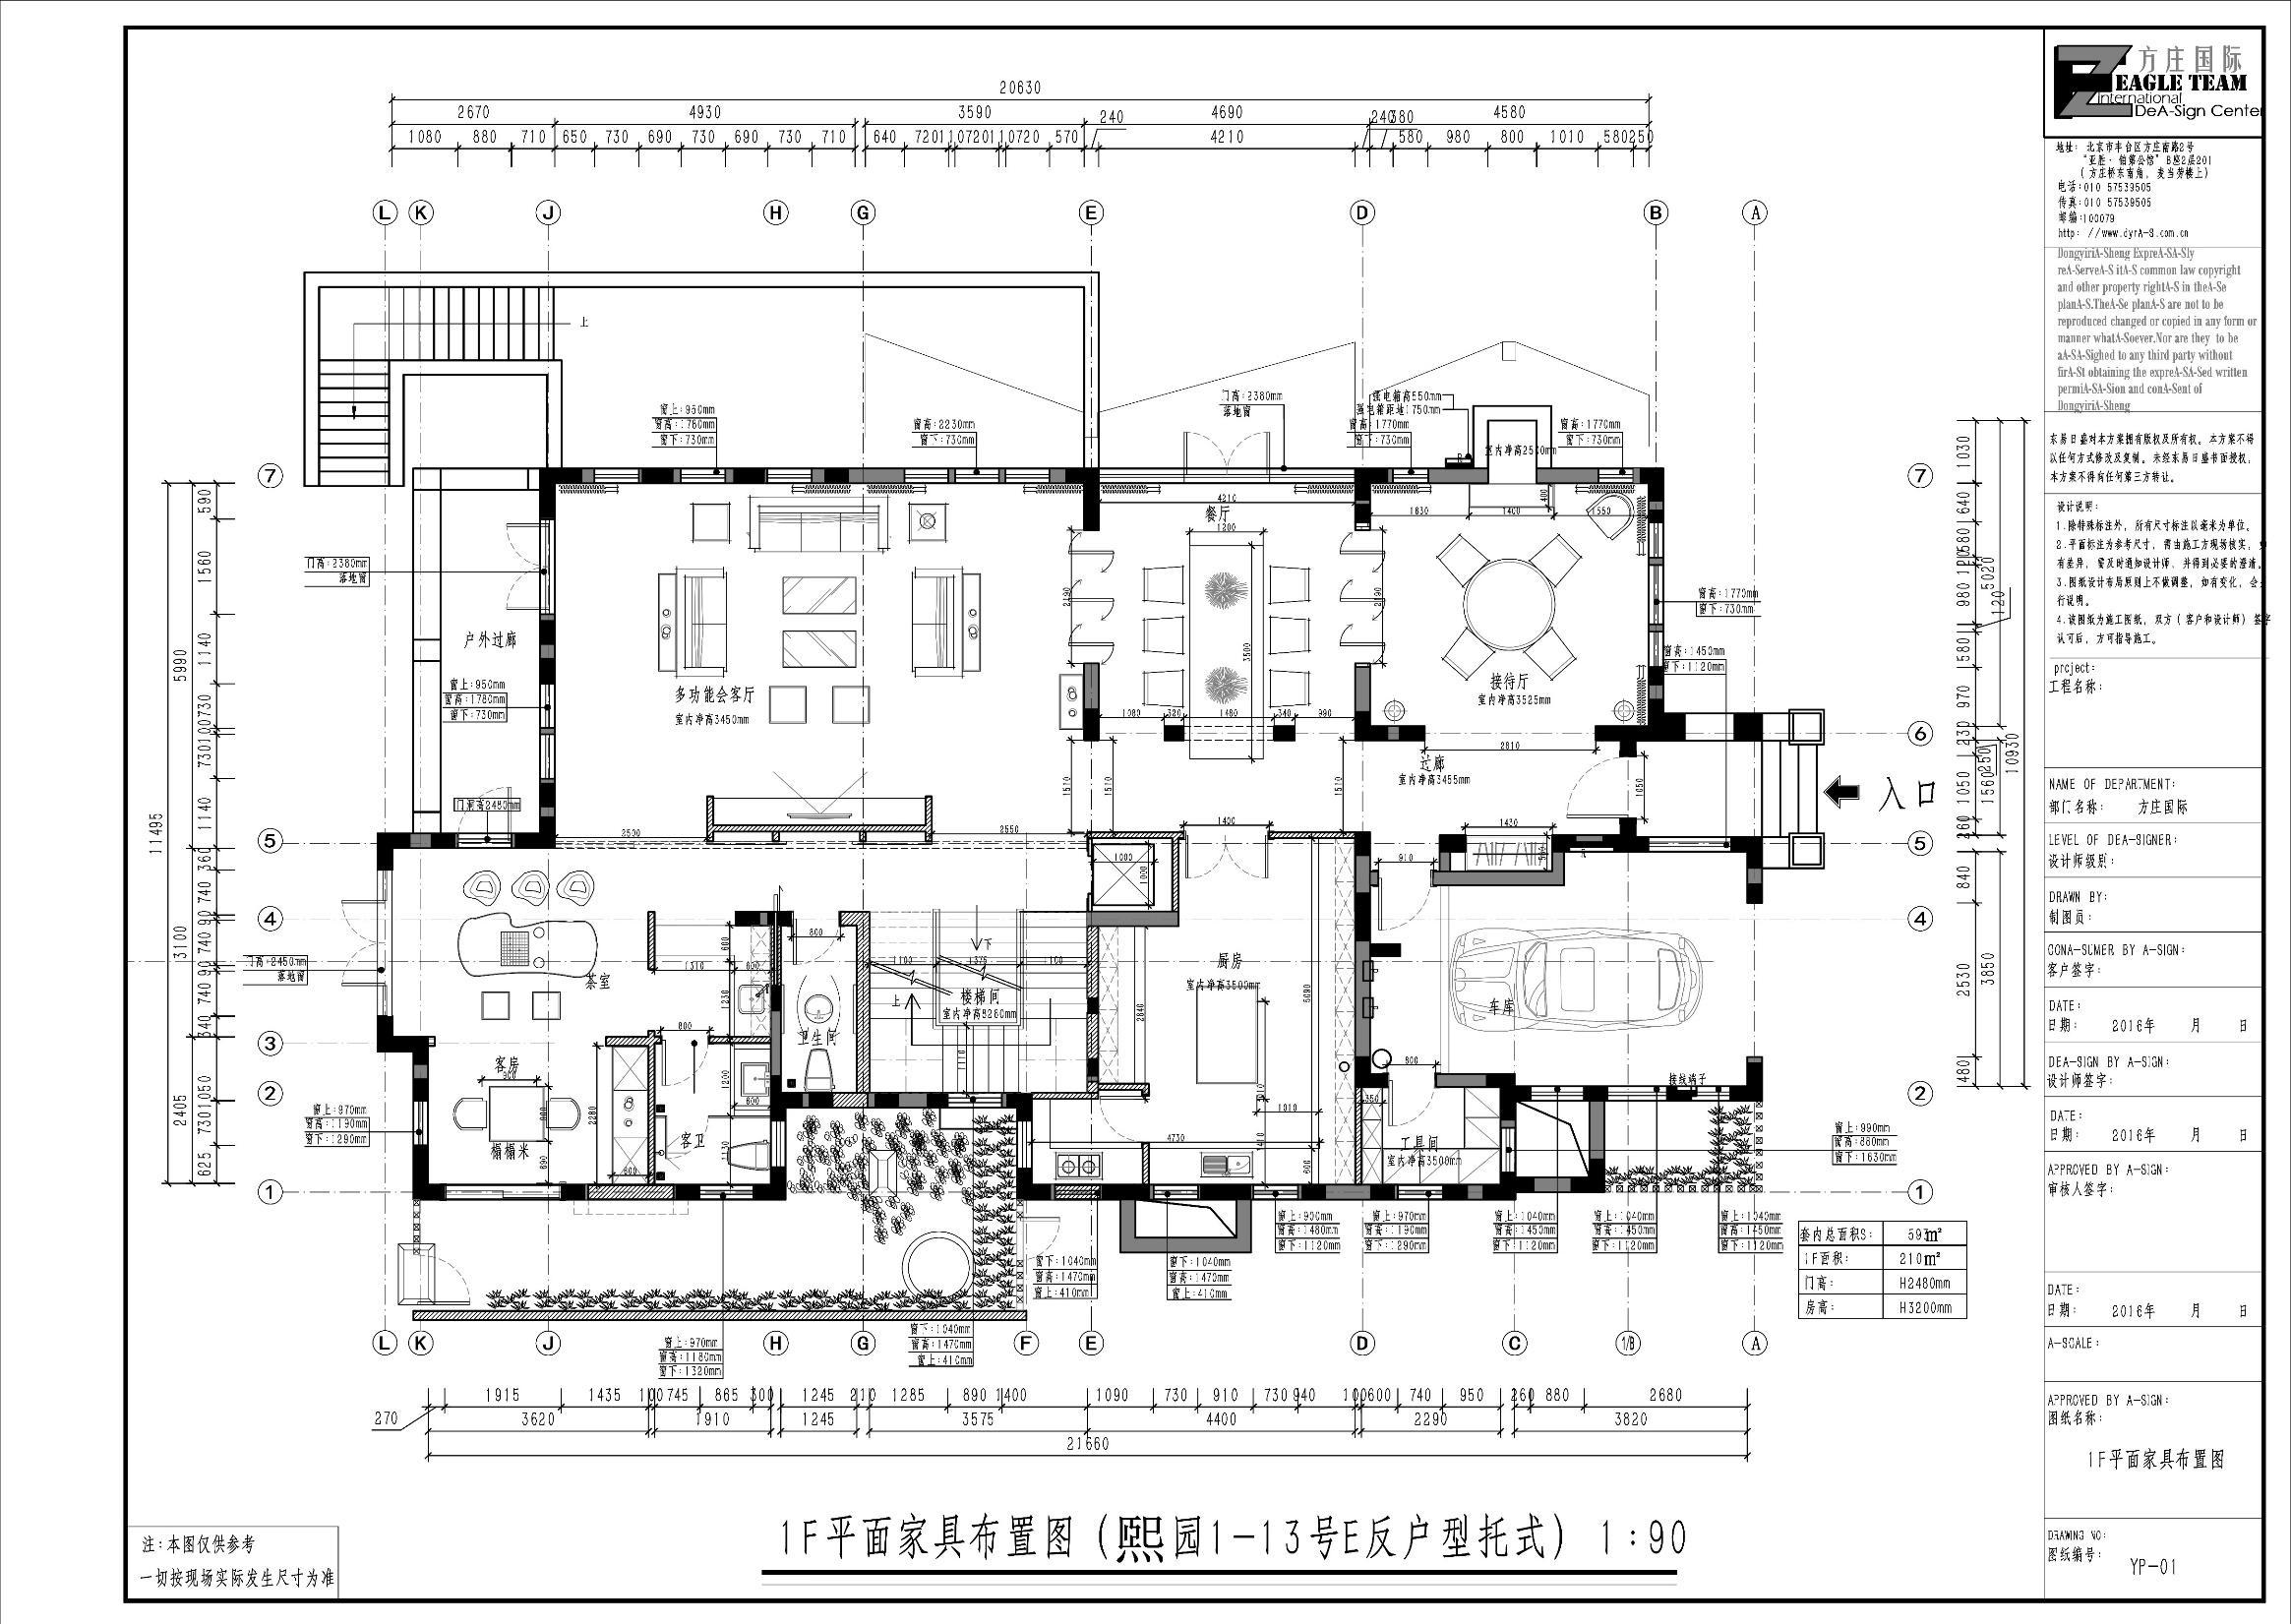 1f平面家具布置图图片